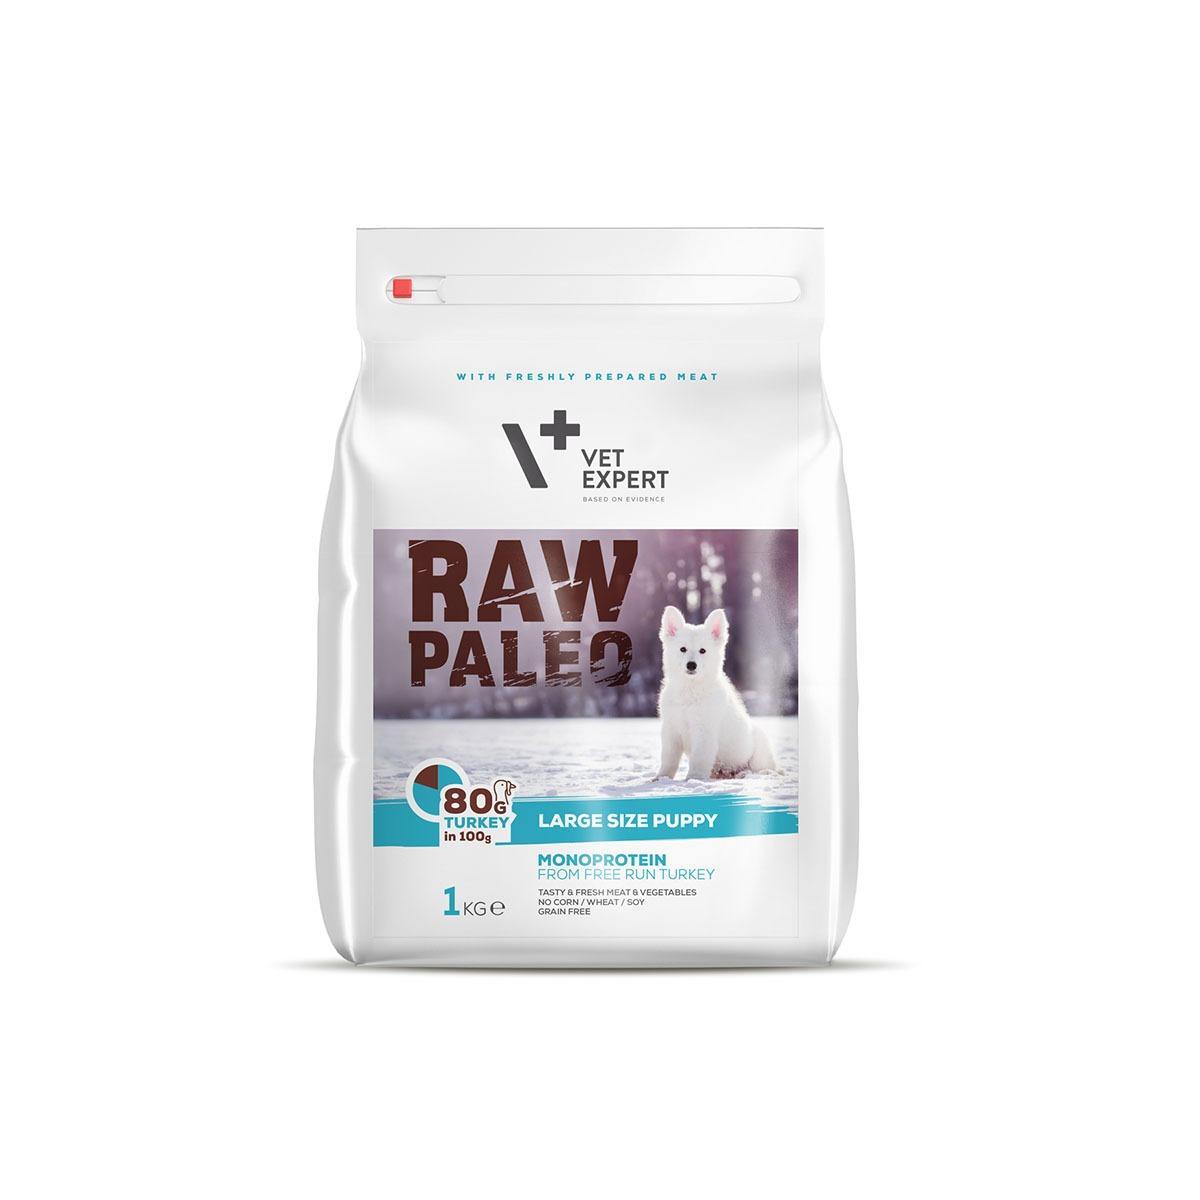 VetExpert Raw Paleo Large Breed Puppy 1kg Premium getreidefreies Hundefutter, Alleinfuttermittel, Trockenfutter, Nassfutter, Hundebedarf, Hundenahrung, Hundeernährung